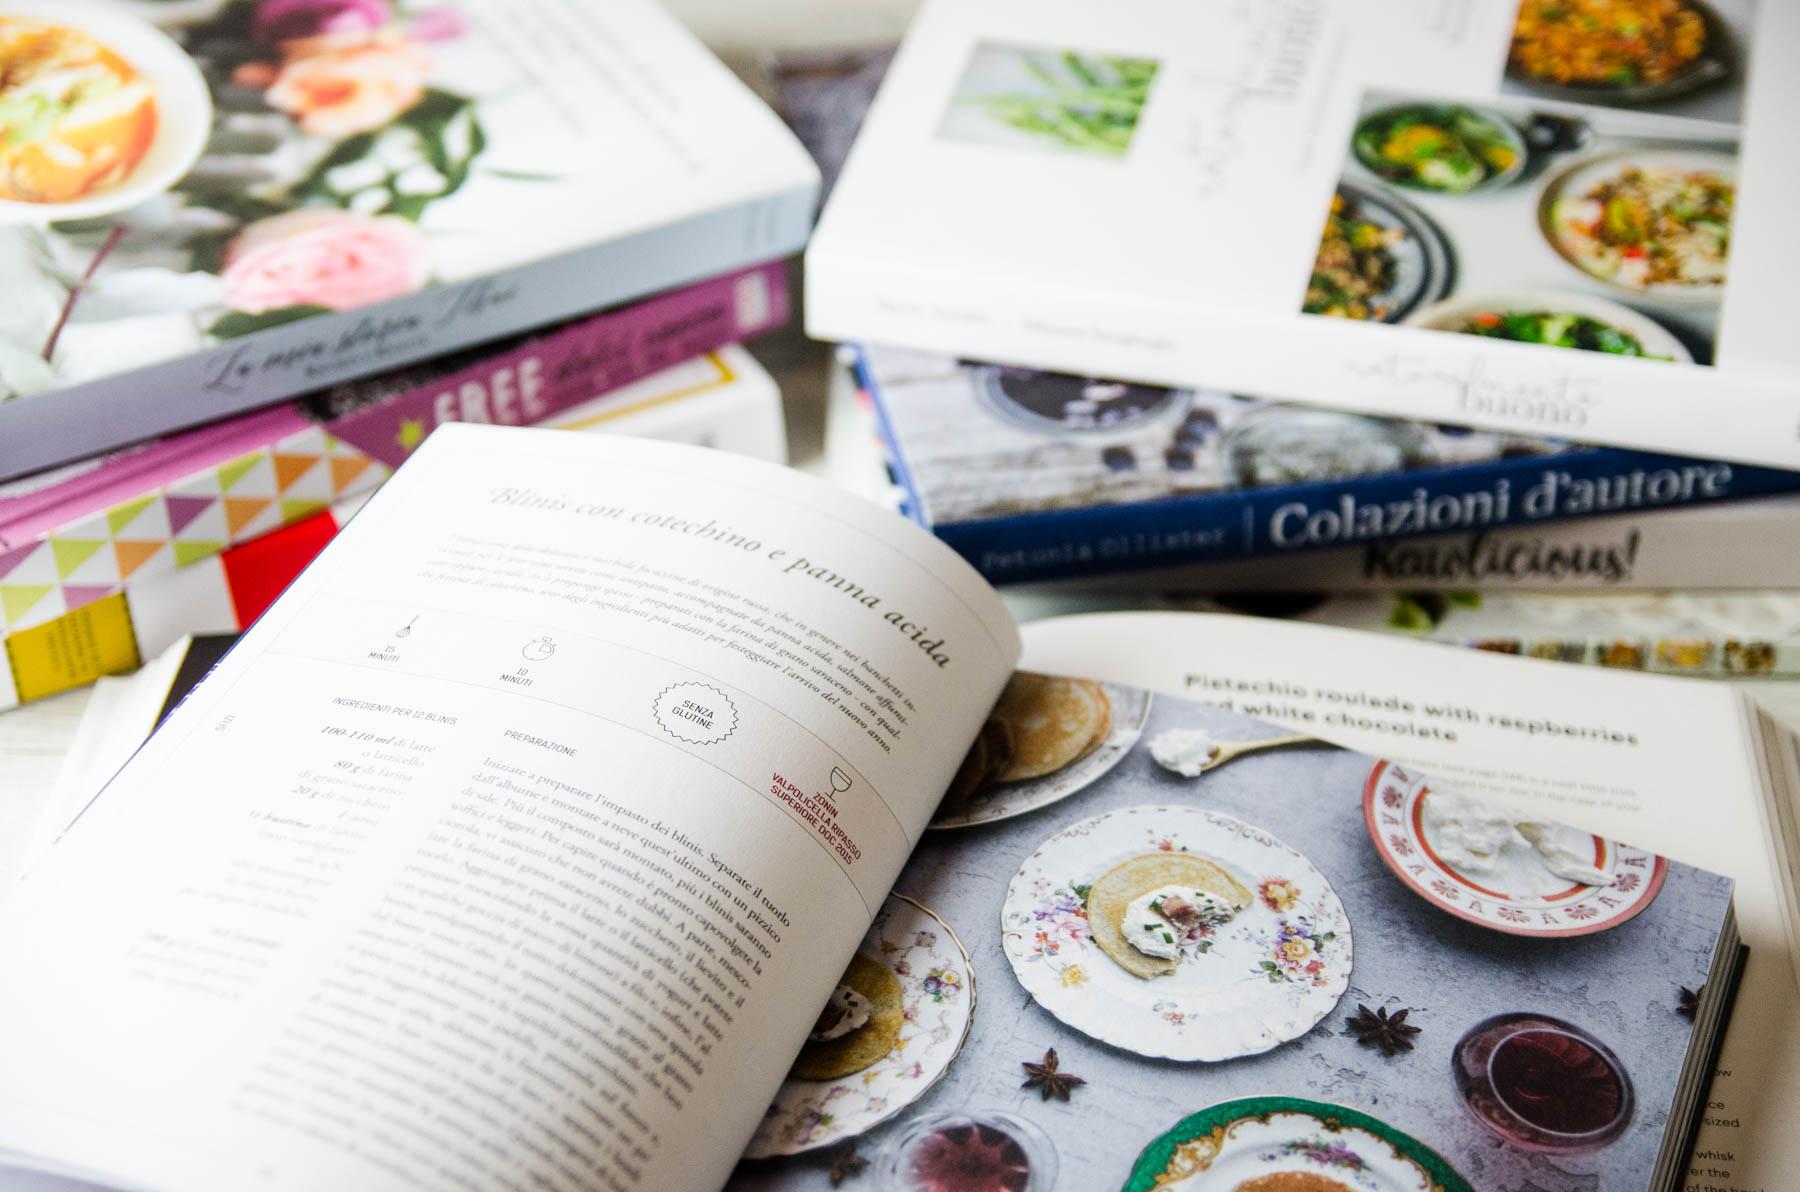 I miei migliori libri di cucina del 2017 noglu 39 s kitchen - Migliori libri di cucina ...